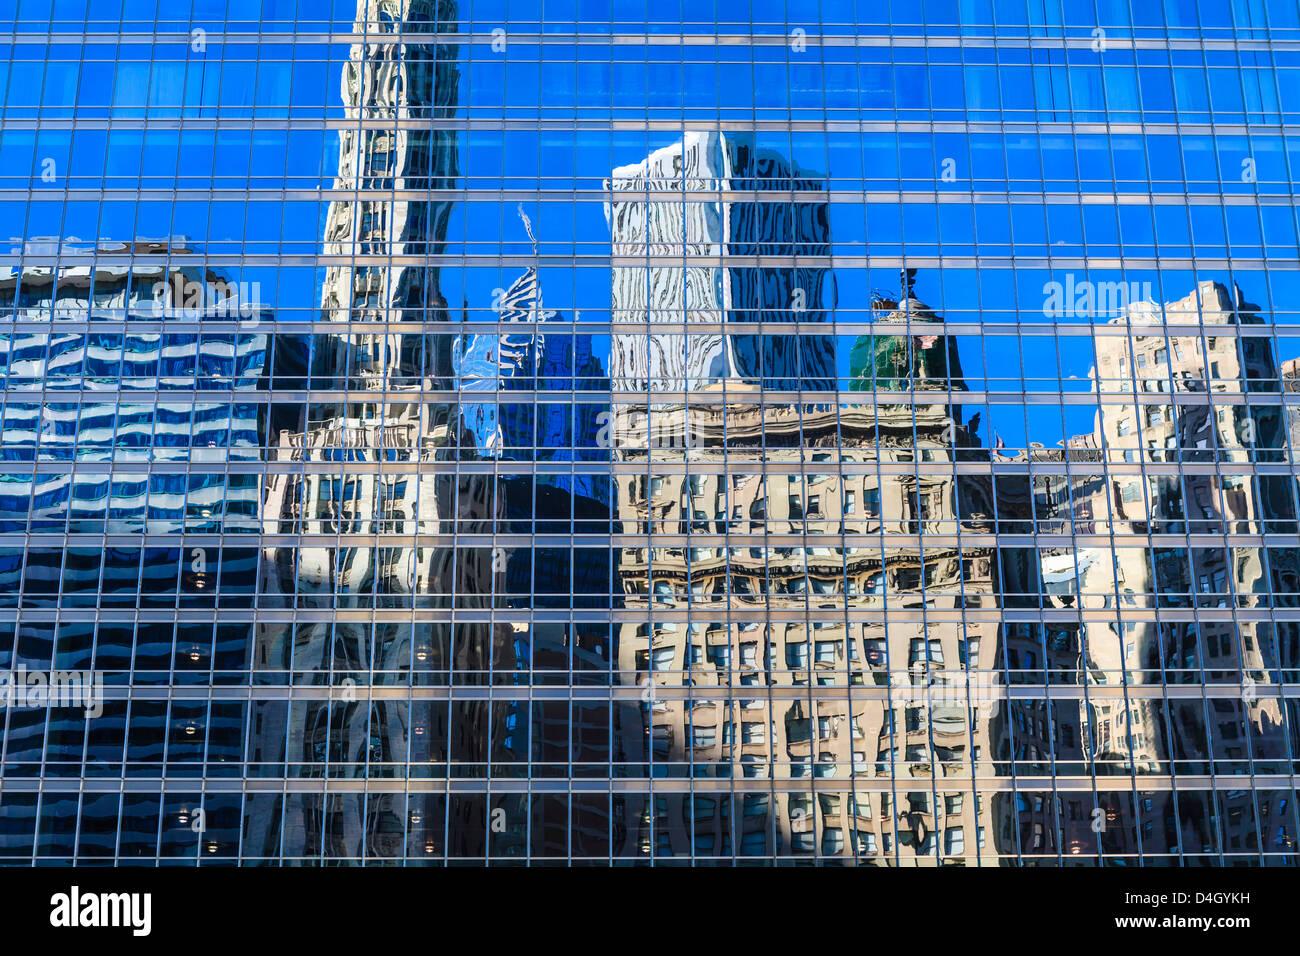 Bâtiments sur West Wacker Drive reflète dans la Trump Tower, Chicago, Illinois, États-Unis Photo Stock